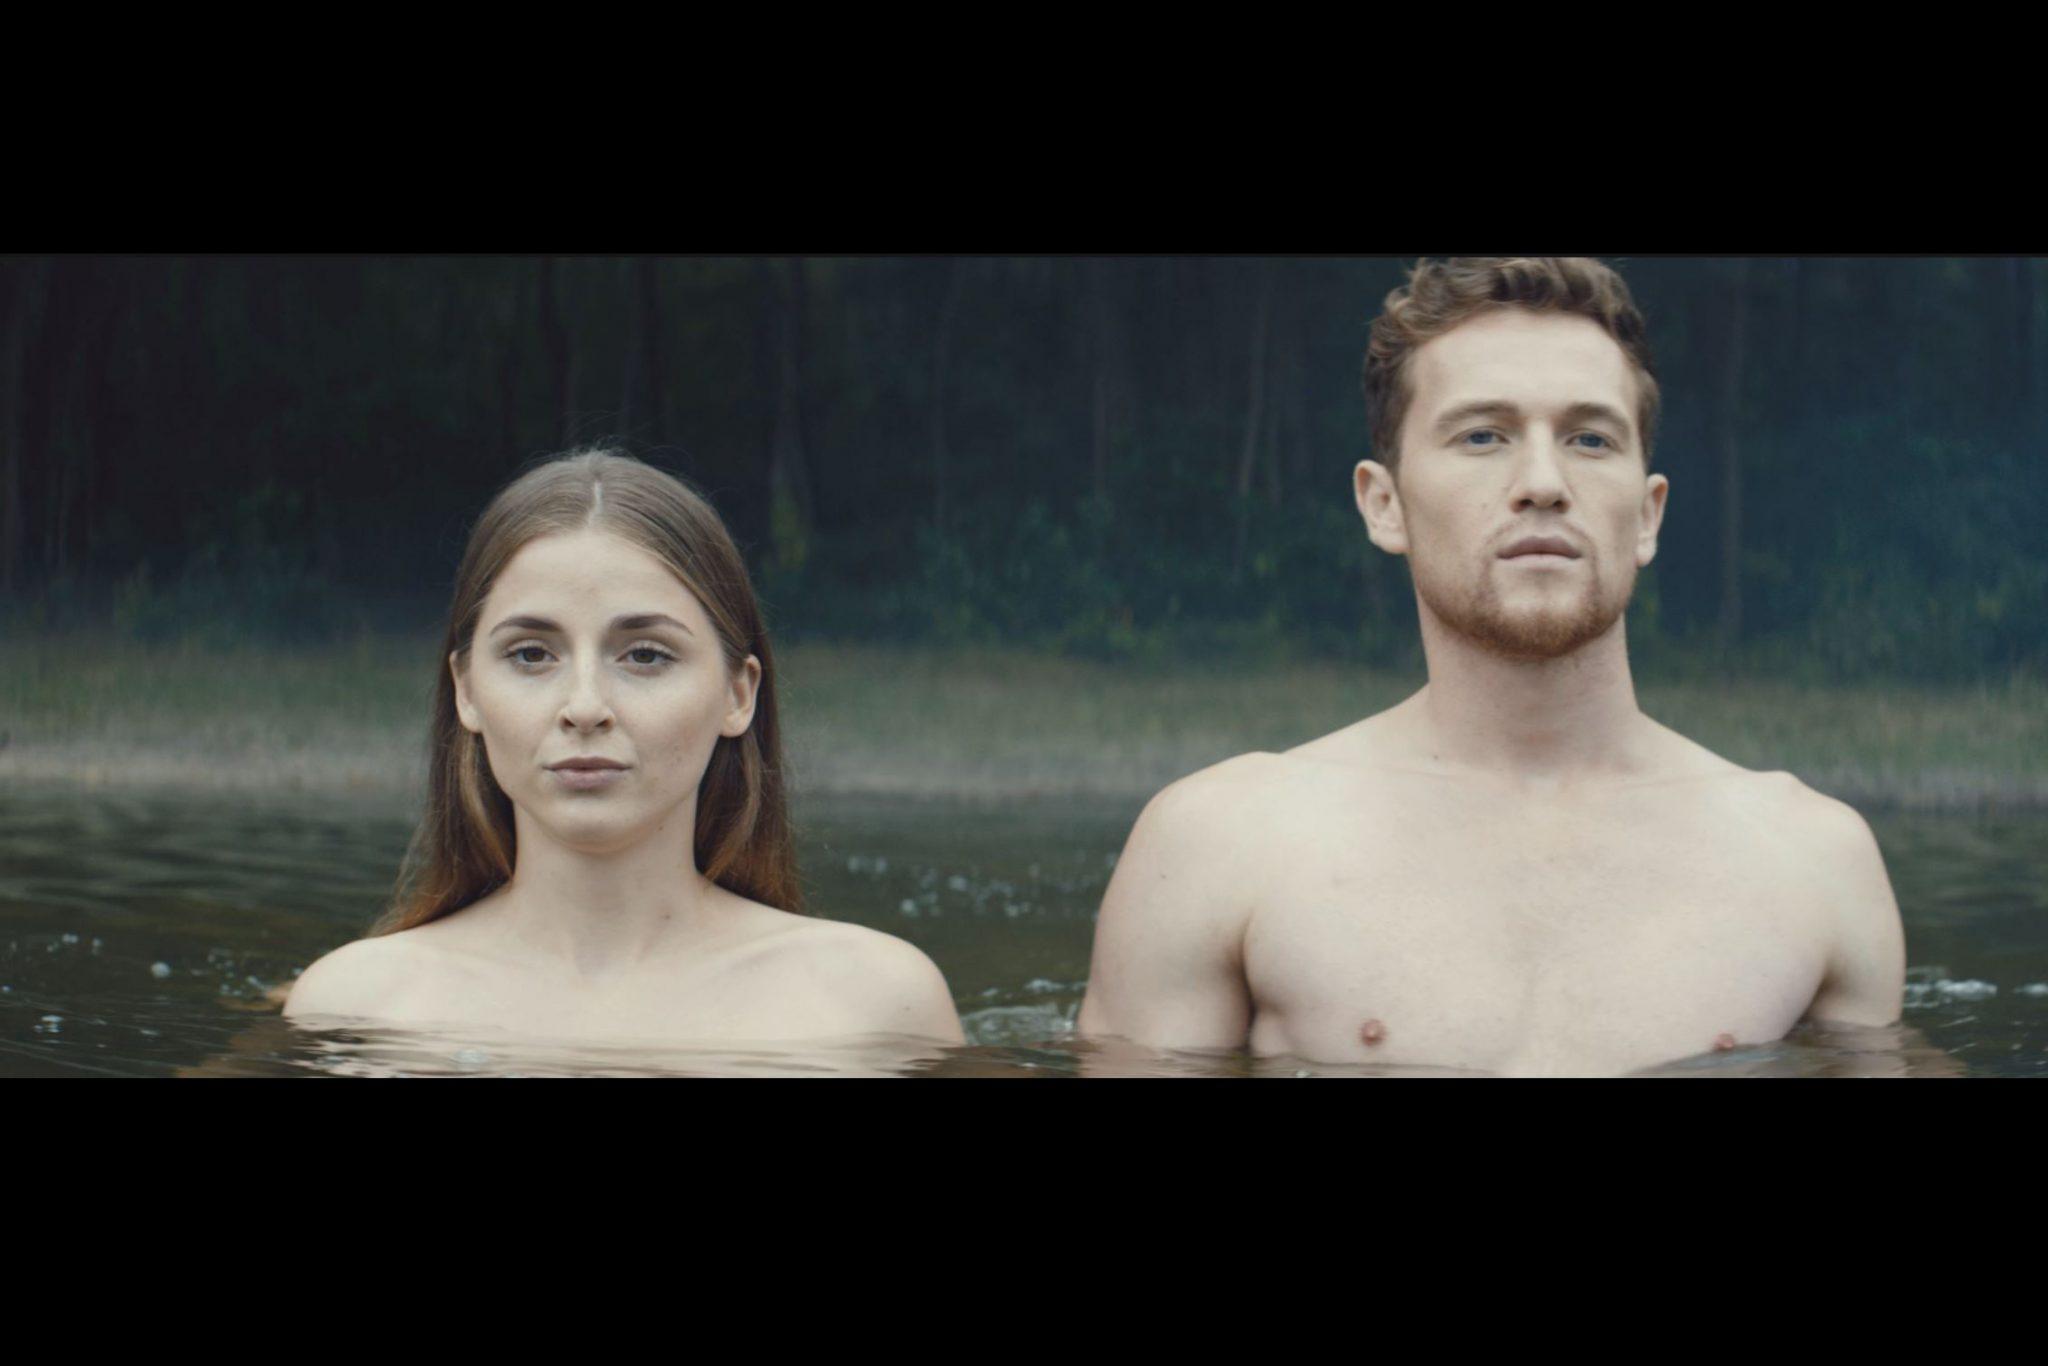 Mann und Frau gehen in einen See